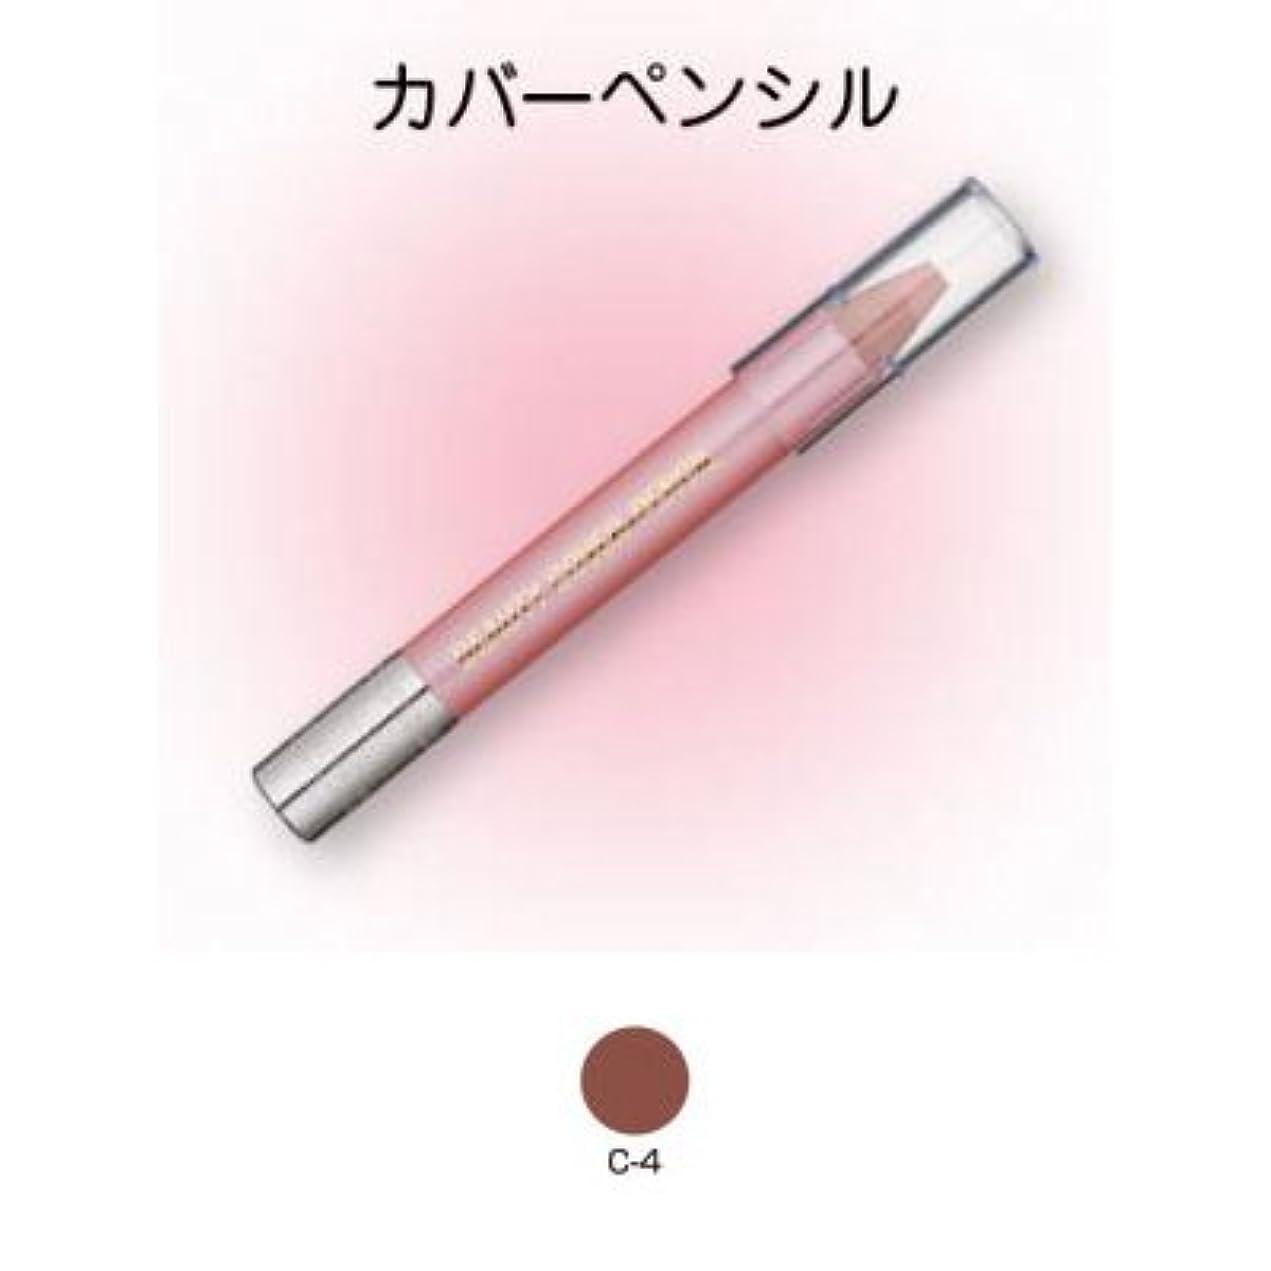 トマト促進する作曲家ビューティーカバーペンシル C-4【三善】